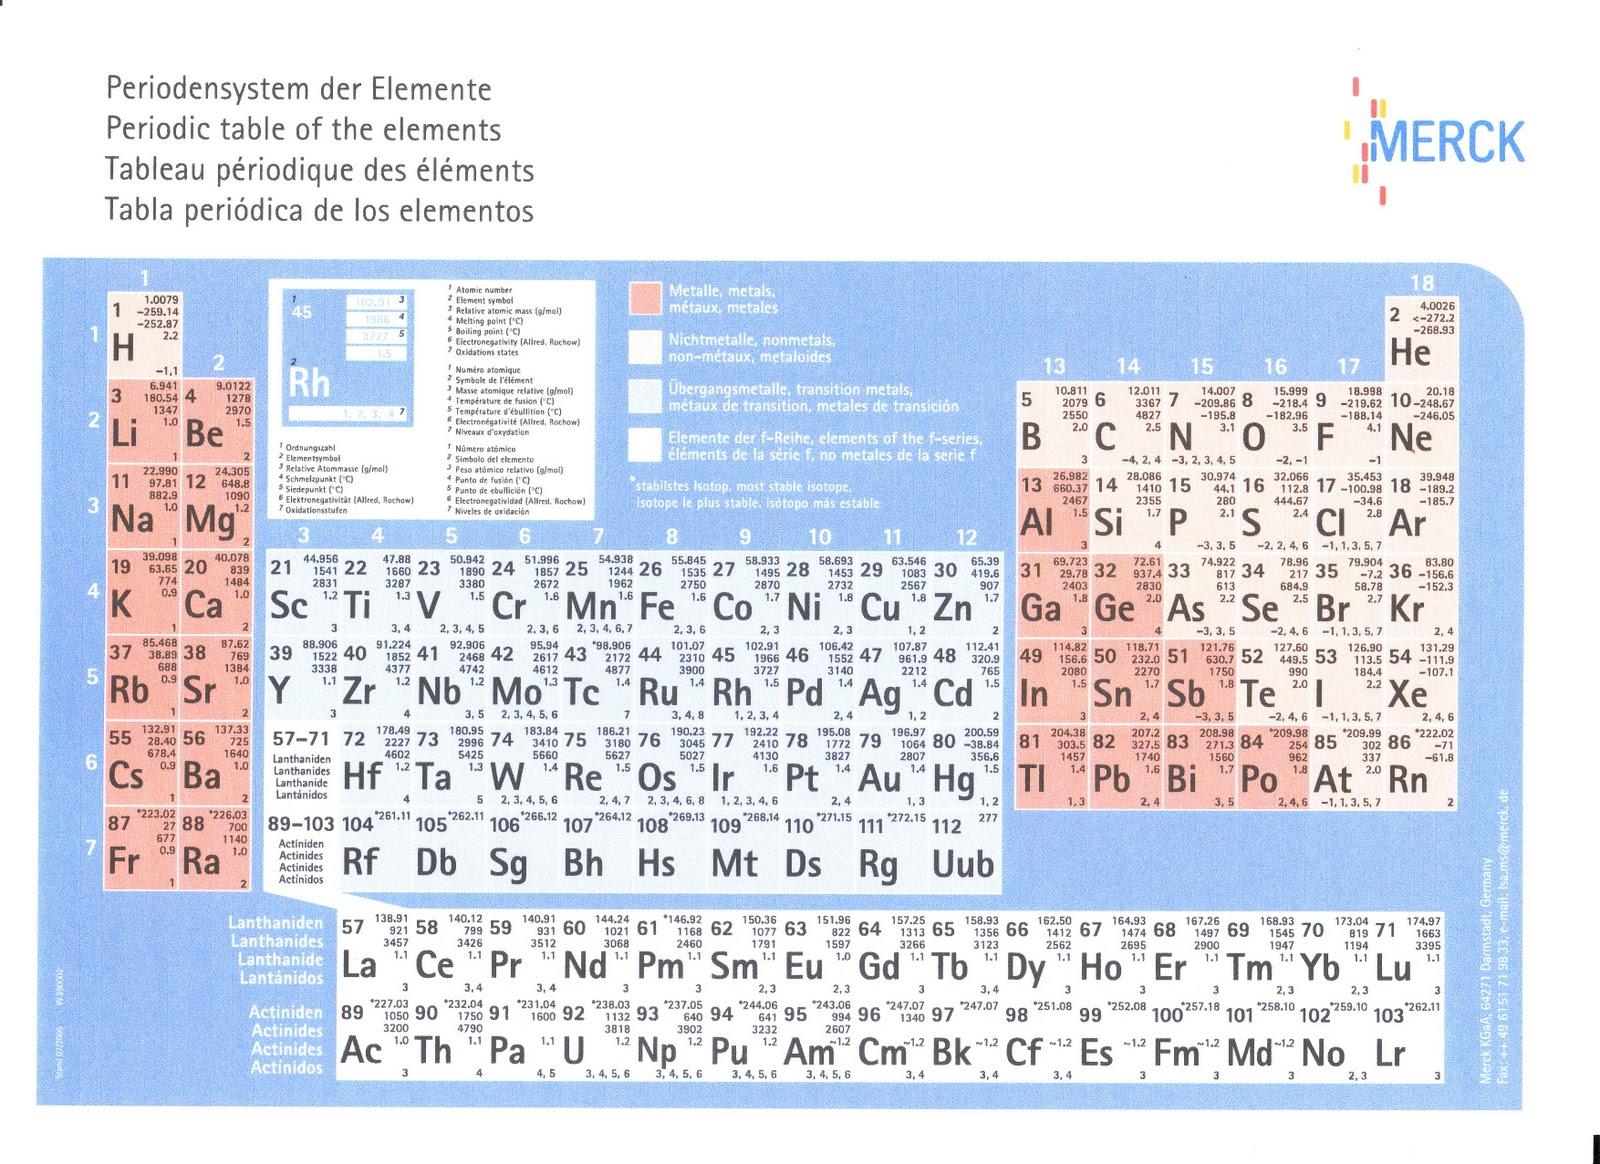 Himpunan mahasiswa teknik kimia himatek universitas sumatera sebuah unsur kimia terbaru dengan nomor atom 112 akan segera menempati tabel periodik unsur bagi kita yang masih memiliki edisi terakhir tabel periodik urtaz Choice Image